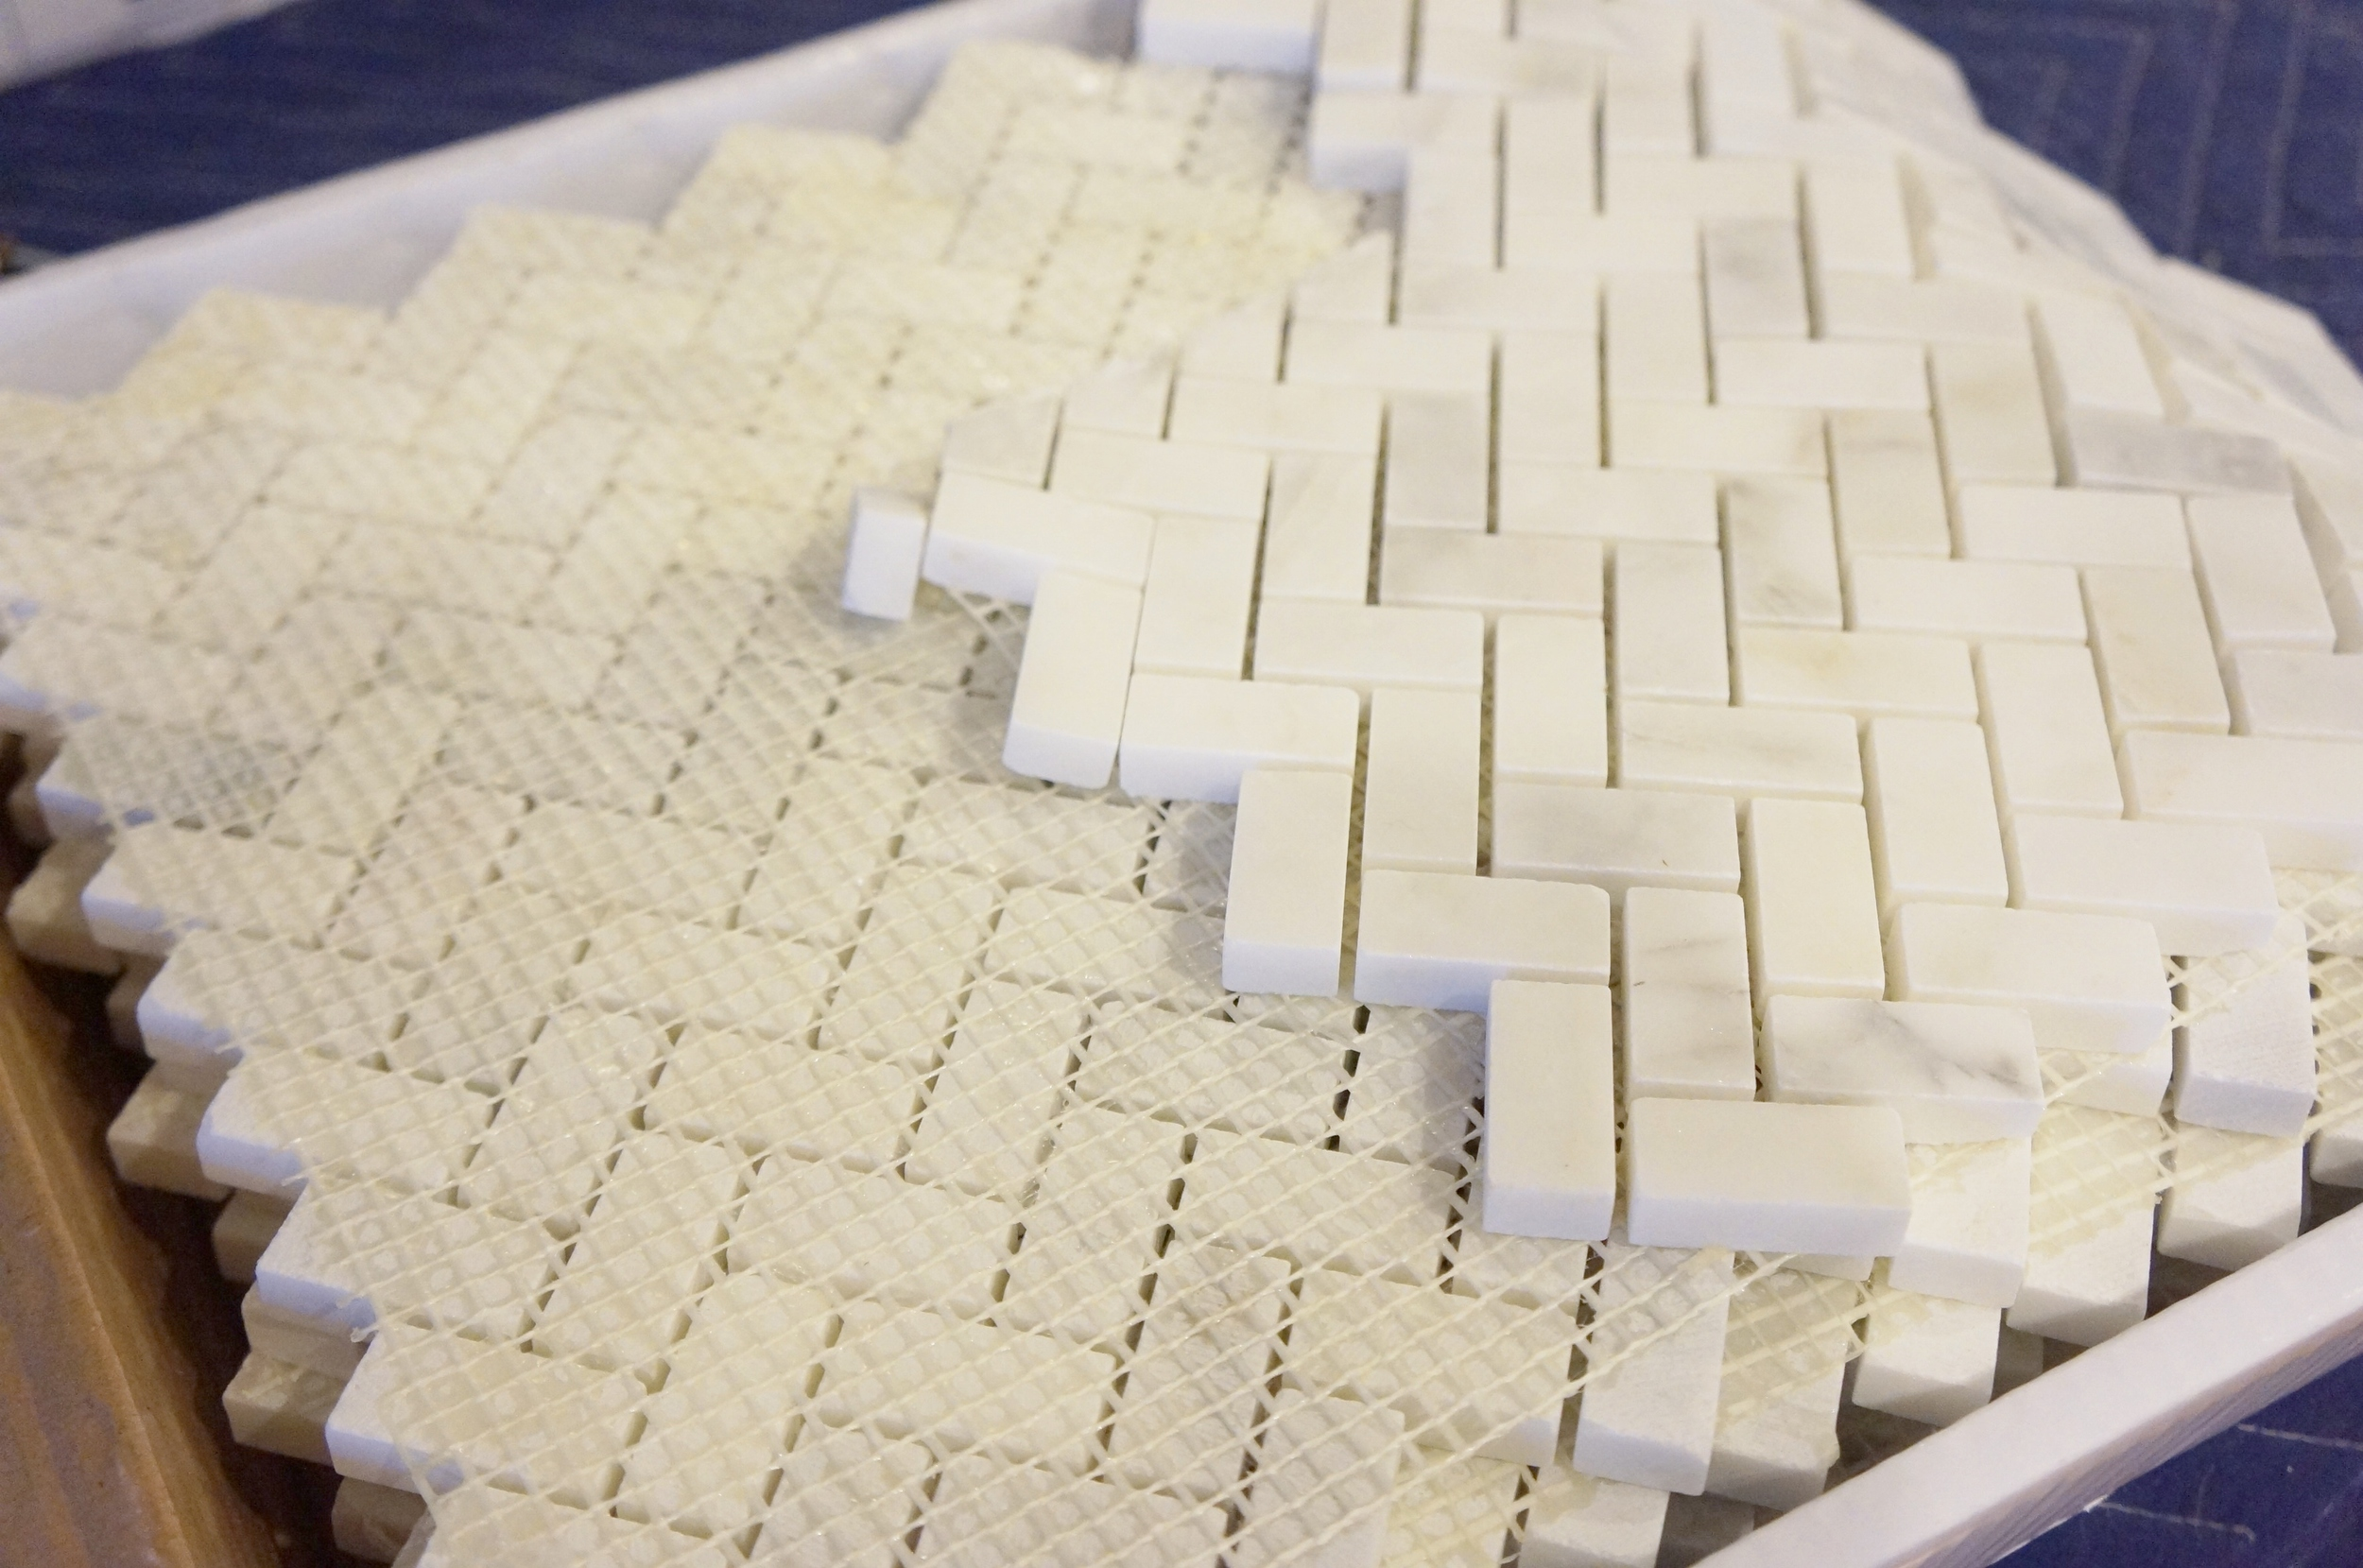 Mosaic marble tile in herringbone pattern